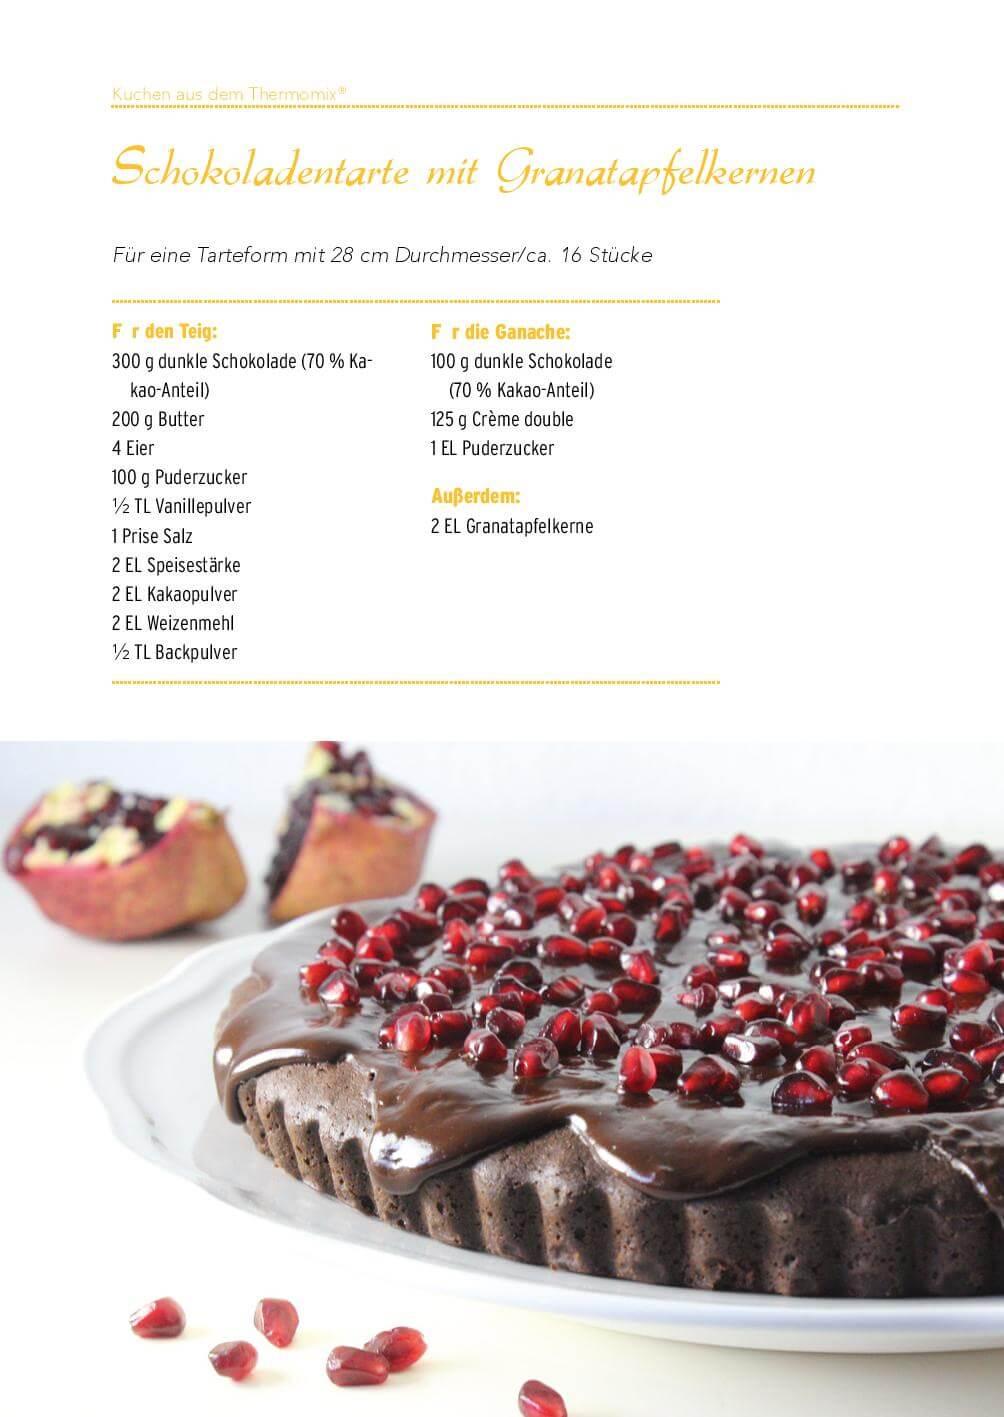 Kuchen aus dem thermomix ber 50 s e rezepte for Kuchen direkt vom hersteller